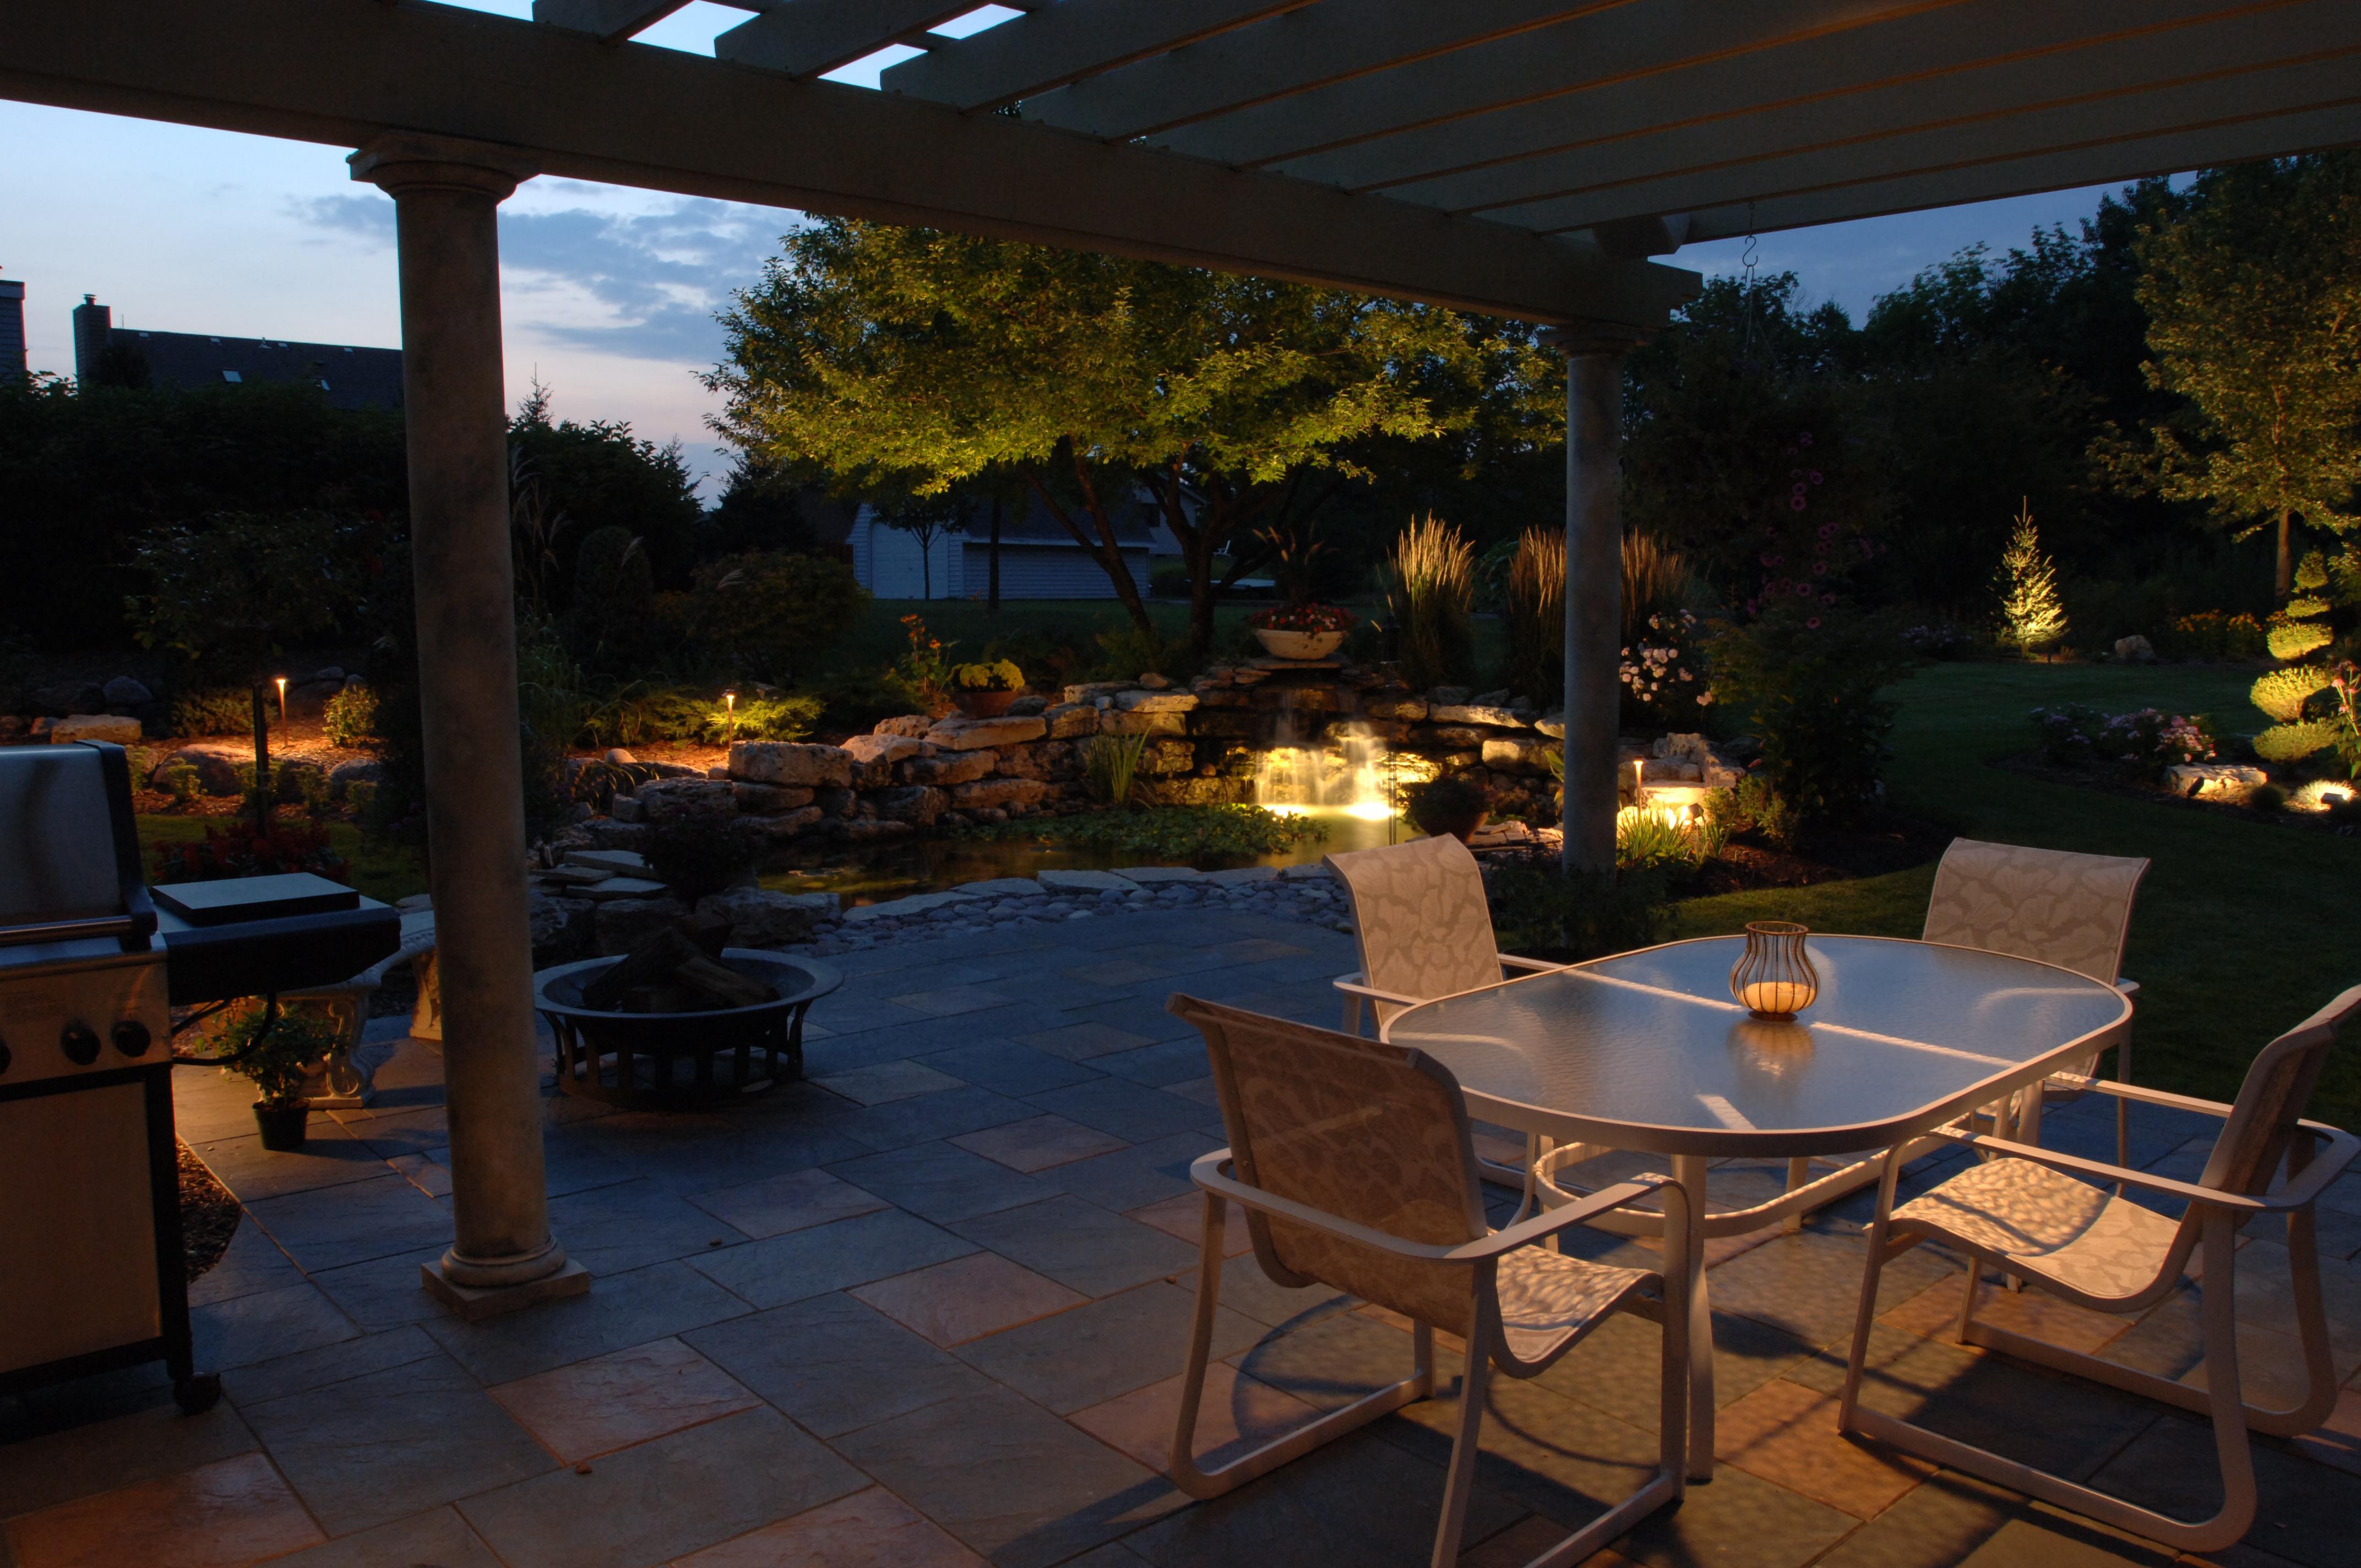 Outdoor Lighting Tips